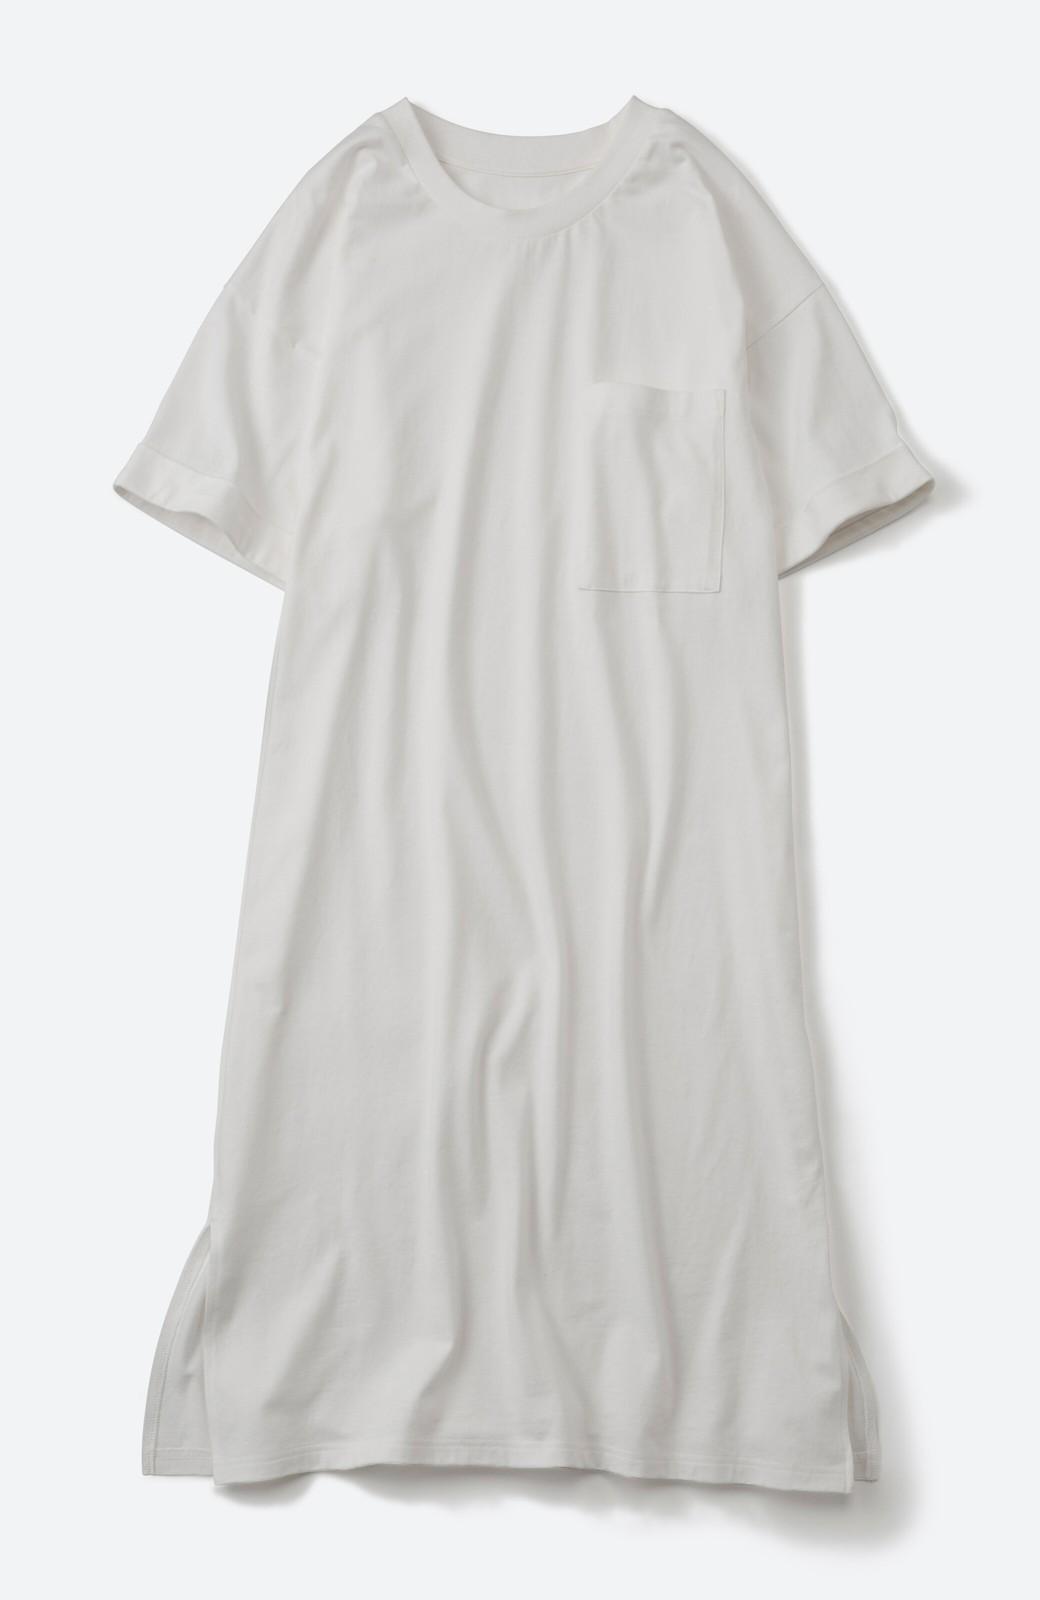 haco! 定番重ね着コーデを今っぽくアップデートできちゃう Tシャツワンピースとソフトチュールレギンスセット <オフホワイト>の商品写真22